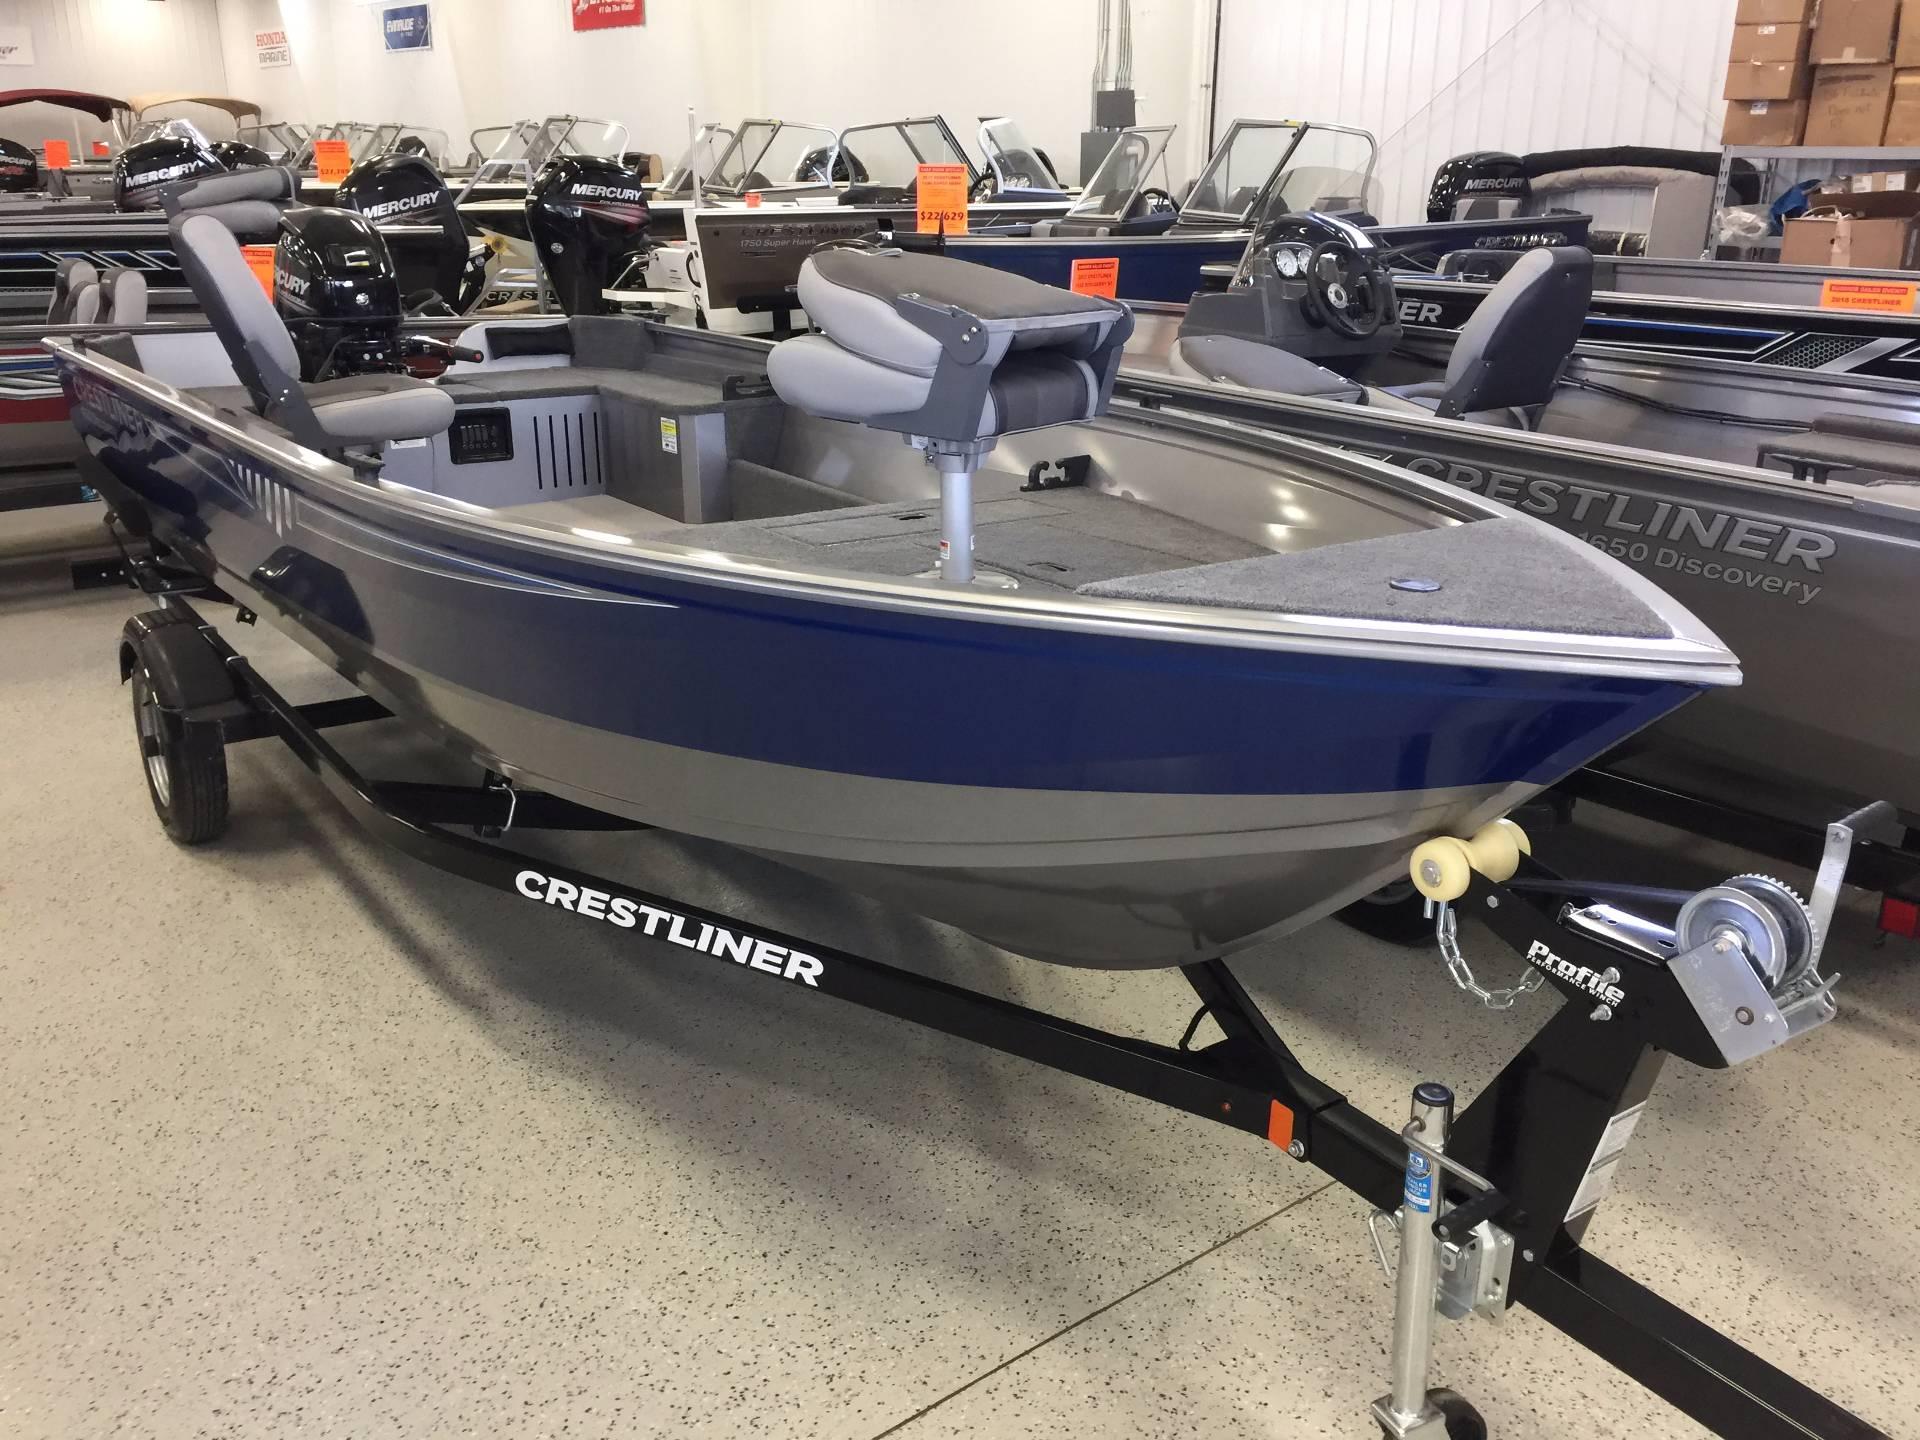 Crestliner 1650 Discovery Tiller